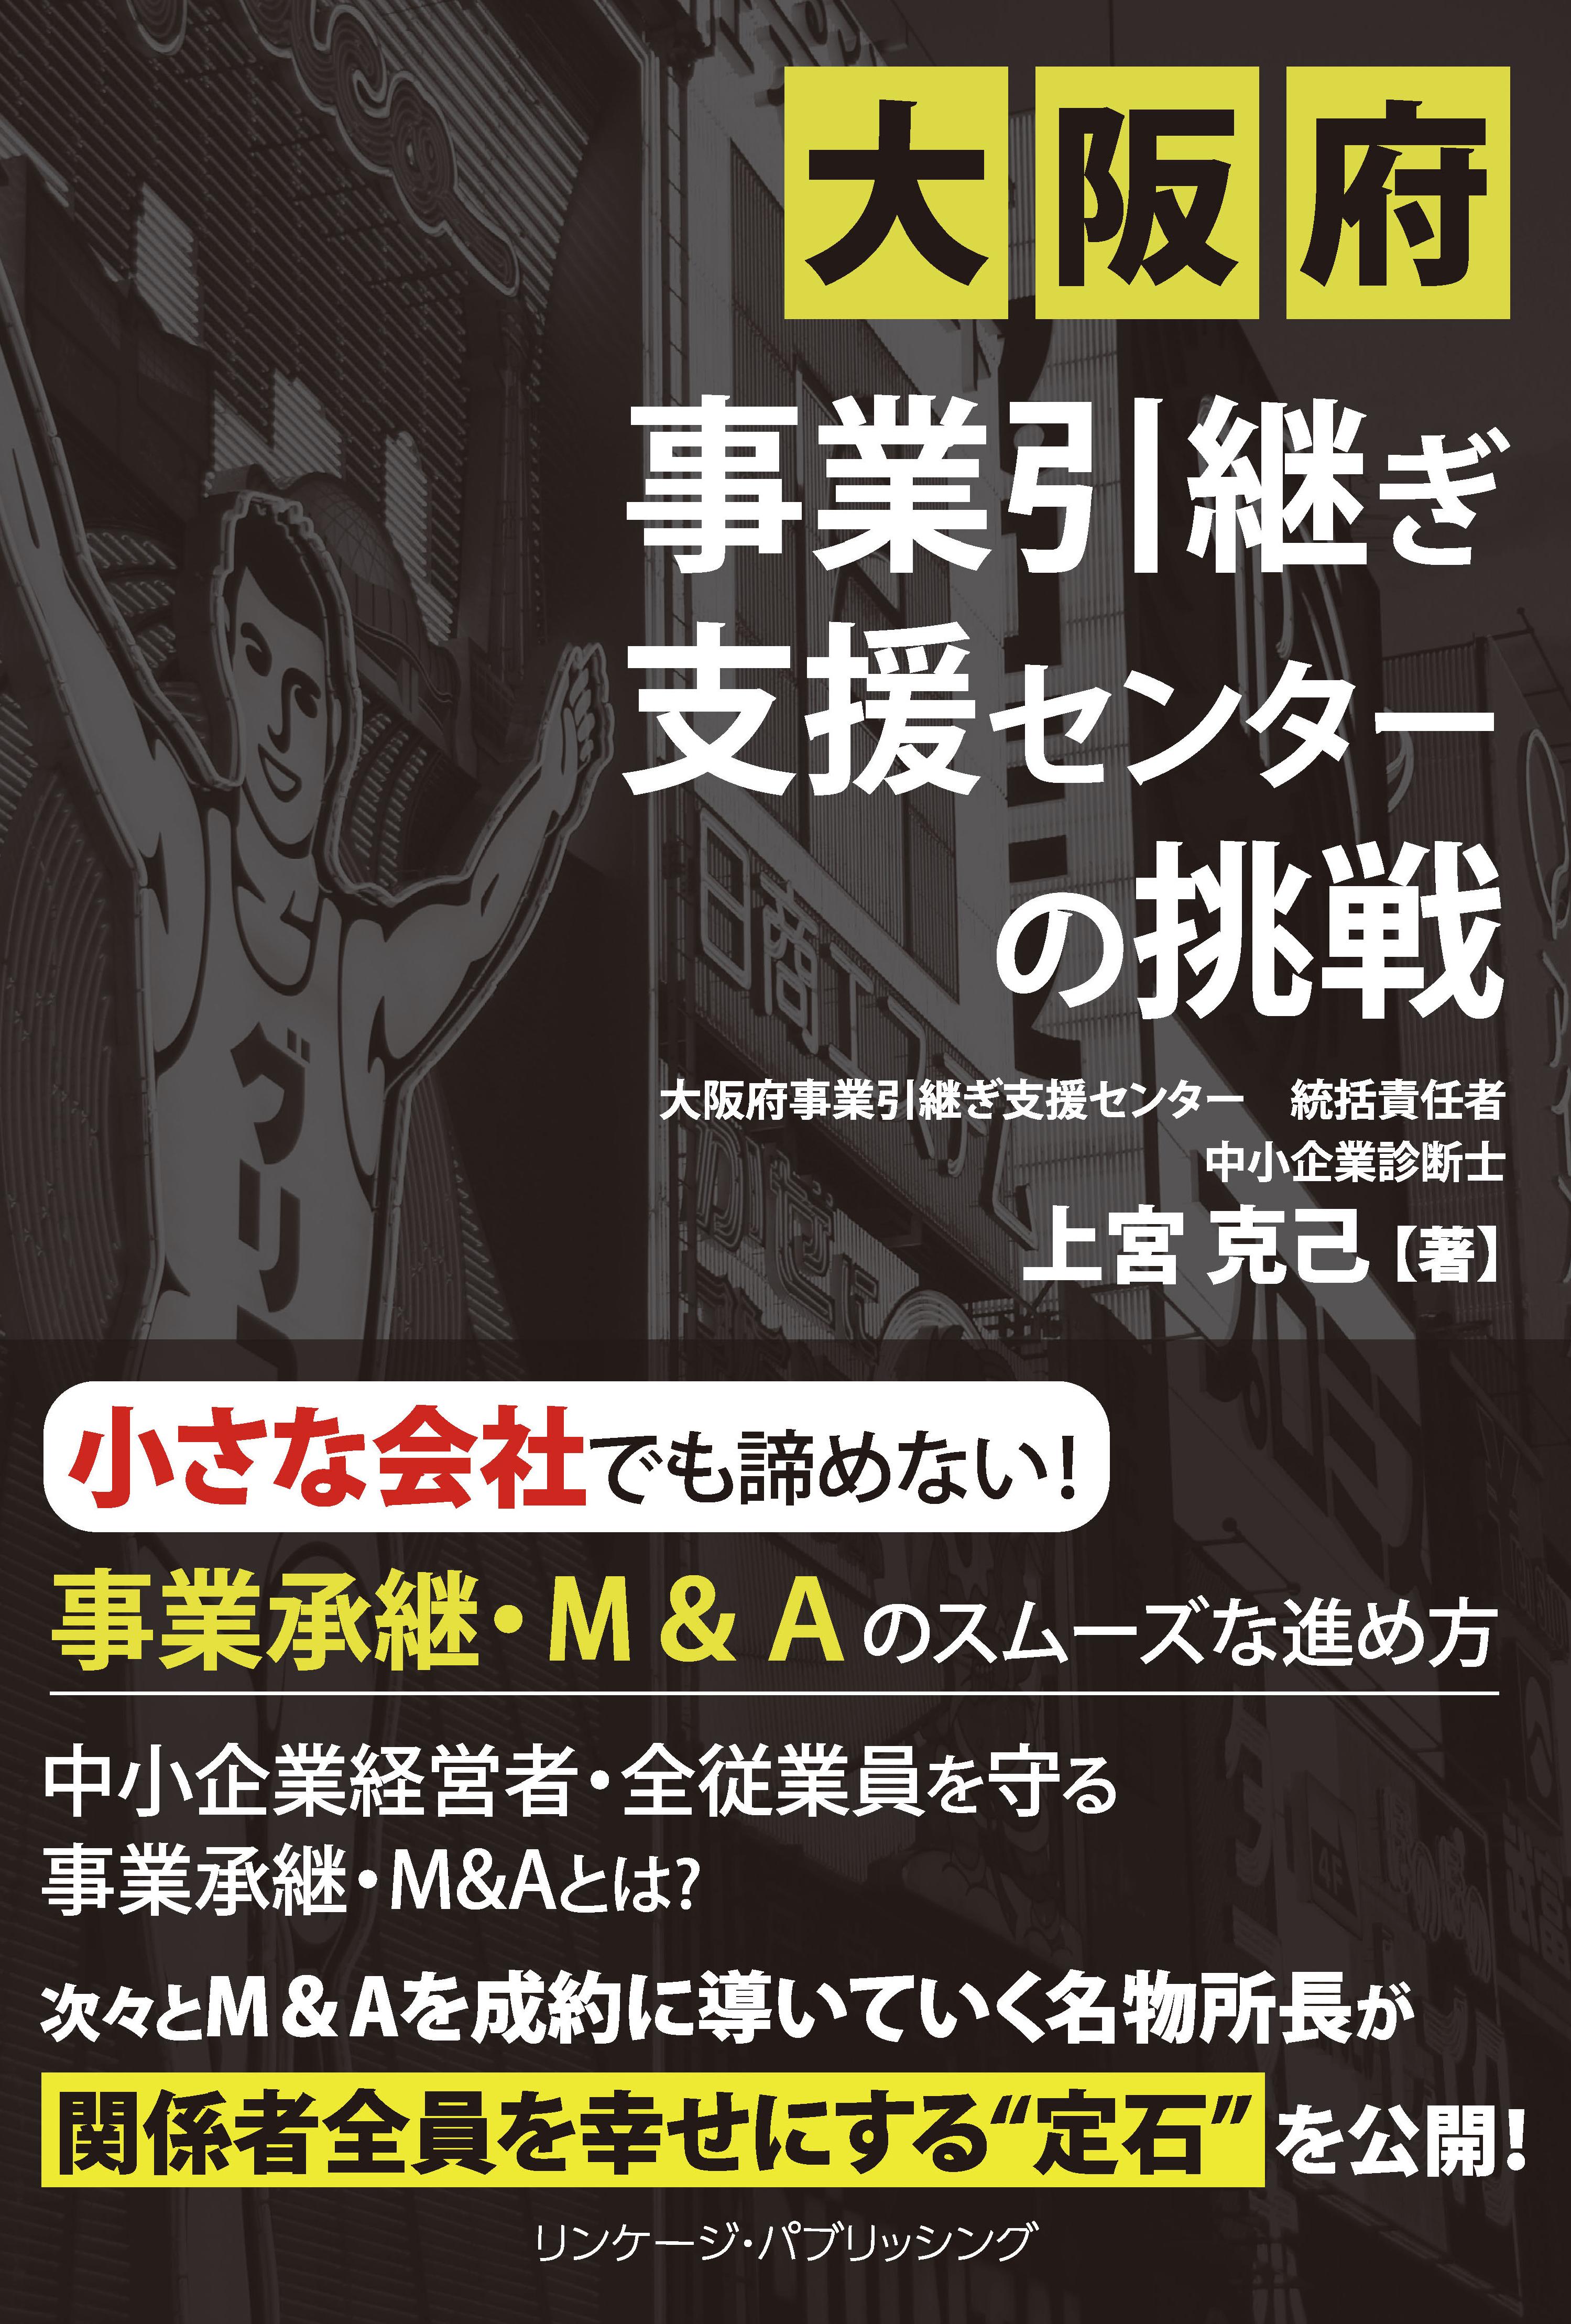 20190718大阪府事業引継ぎ支援センターの挑戦_カバーver24_ol表1